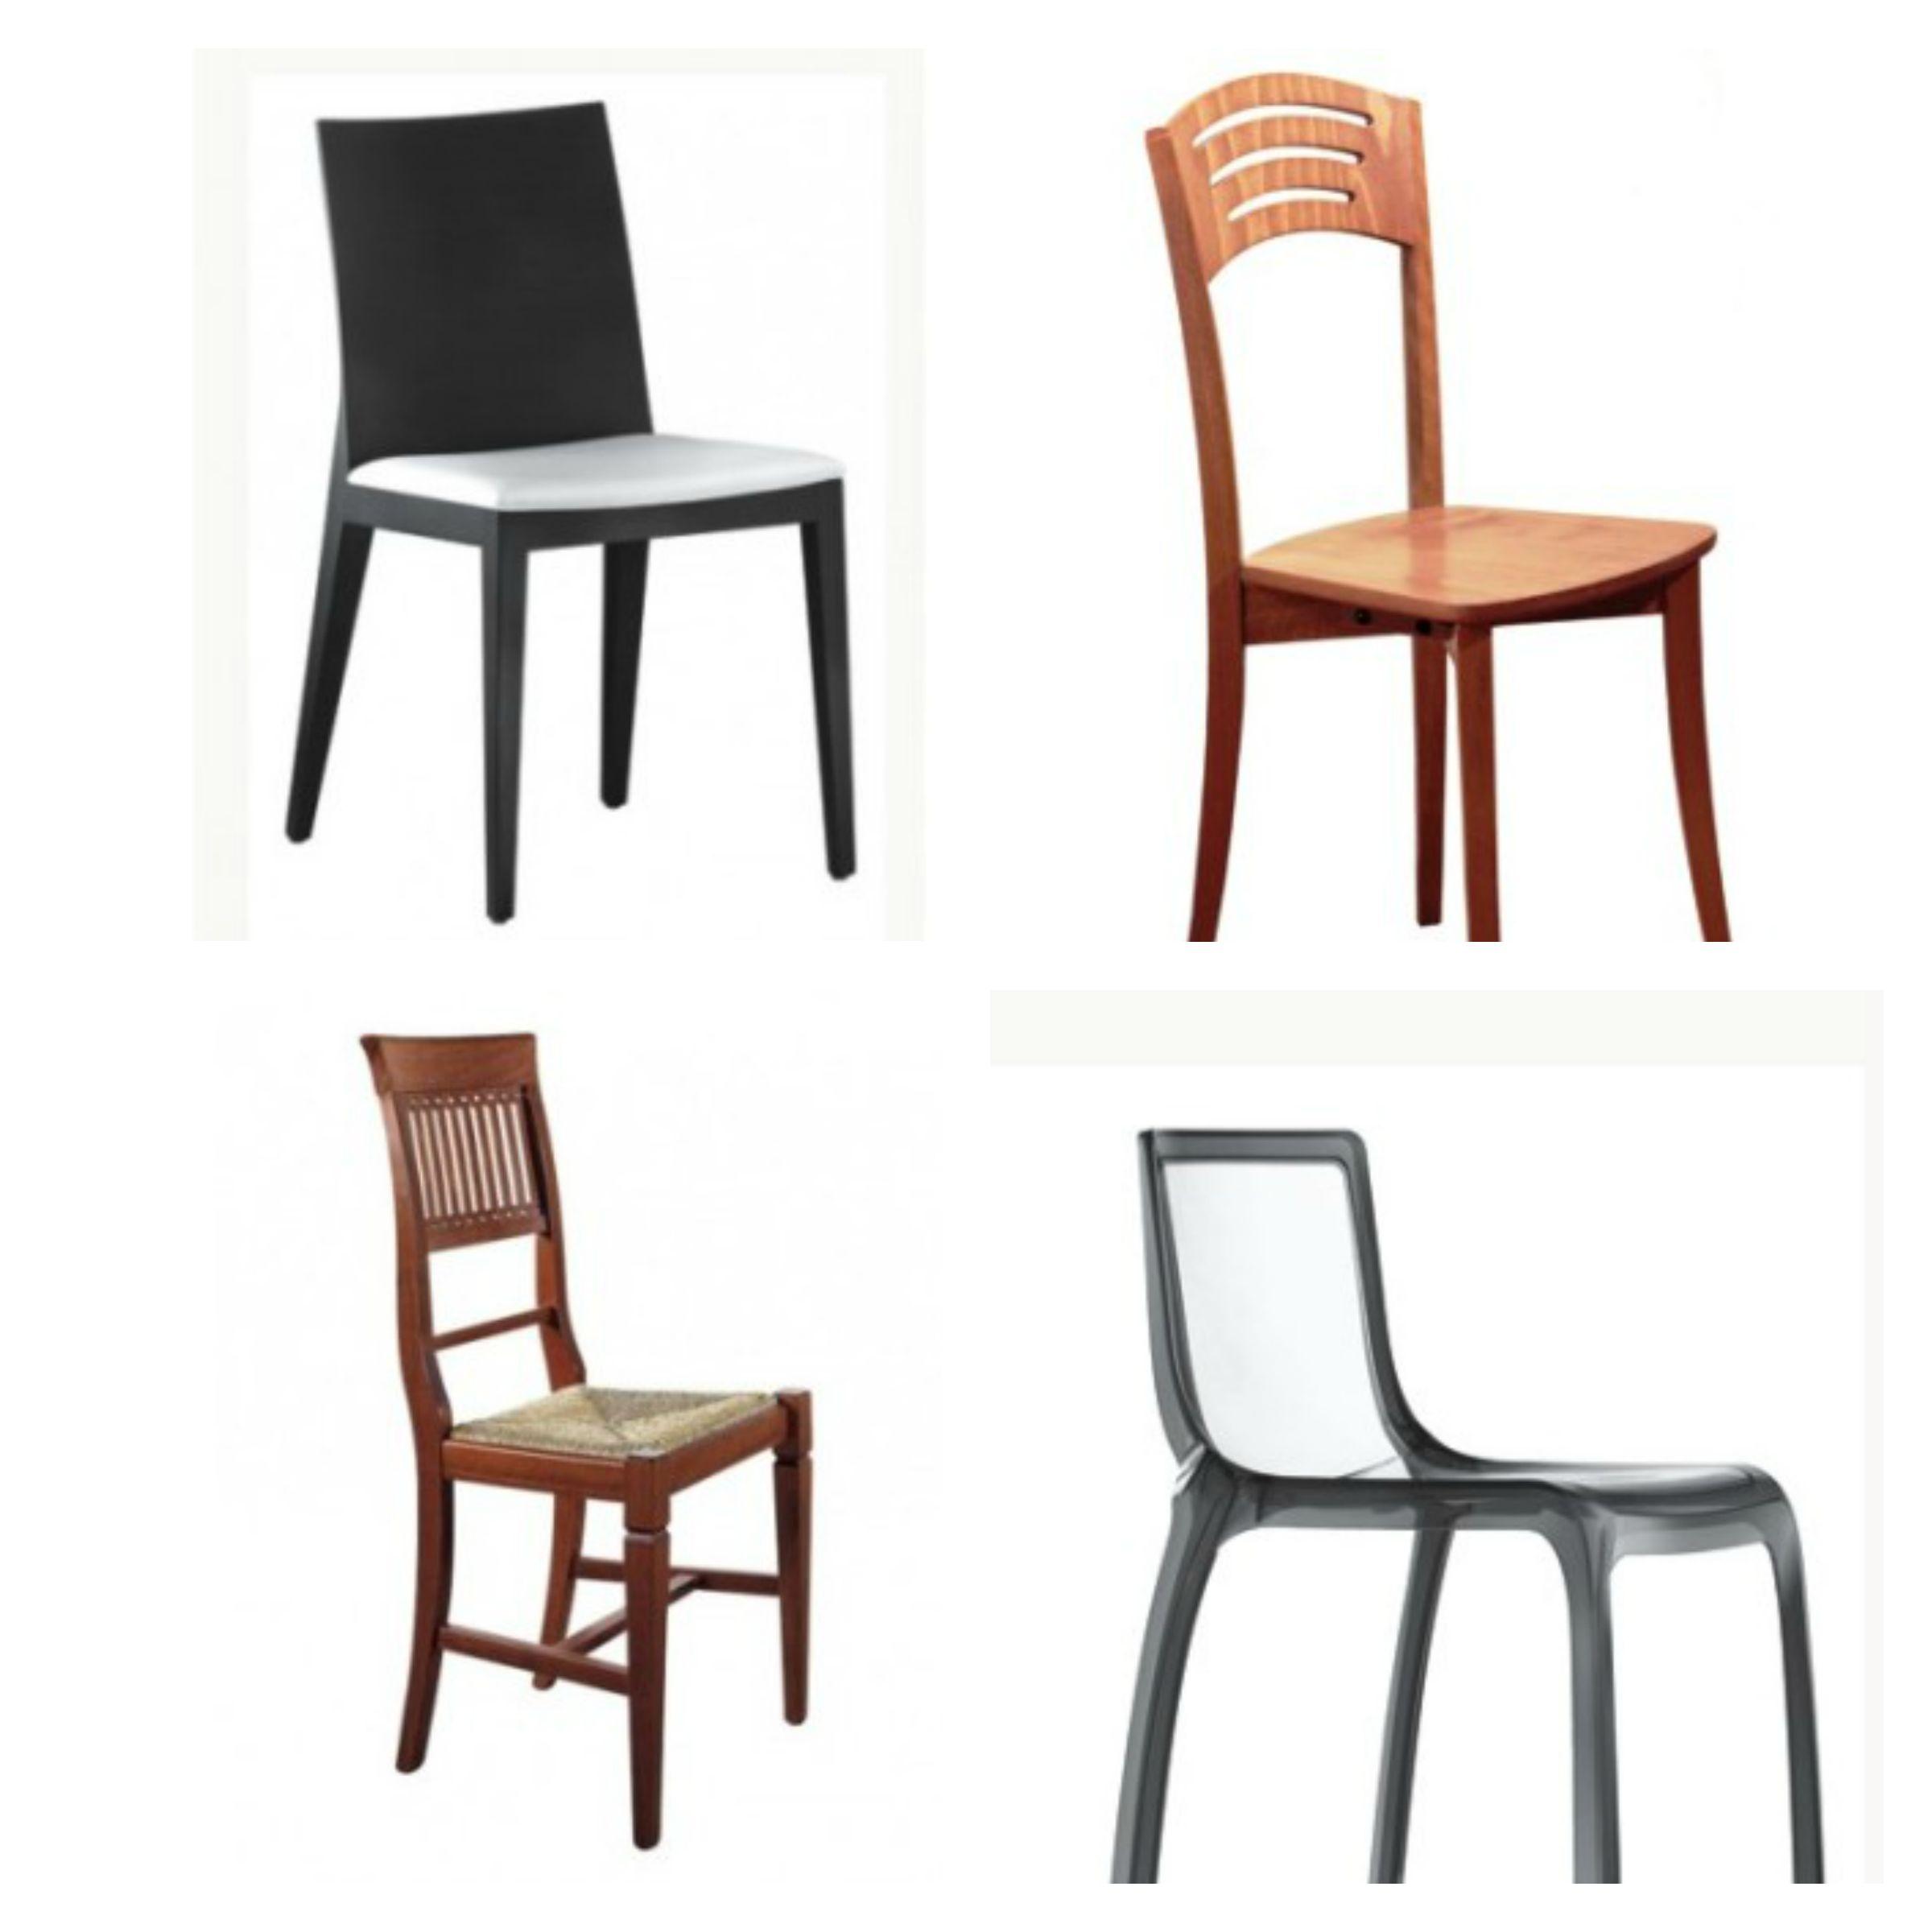 Sedie Per Sala Da Pranzo In Pelle E In Legno – Emerson #9B6330 2400 2400 Tavoli E Sedie Per Sala Da Pranzo